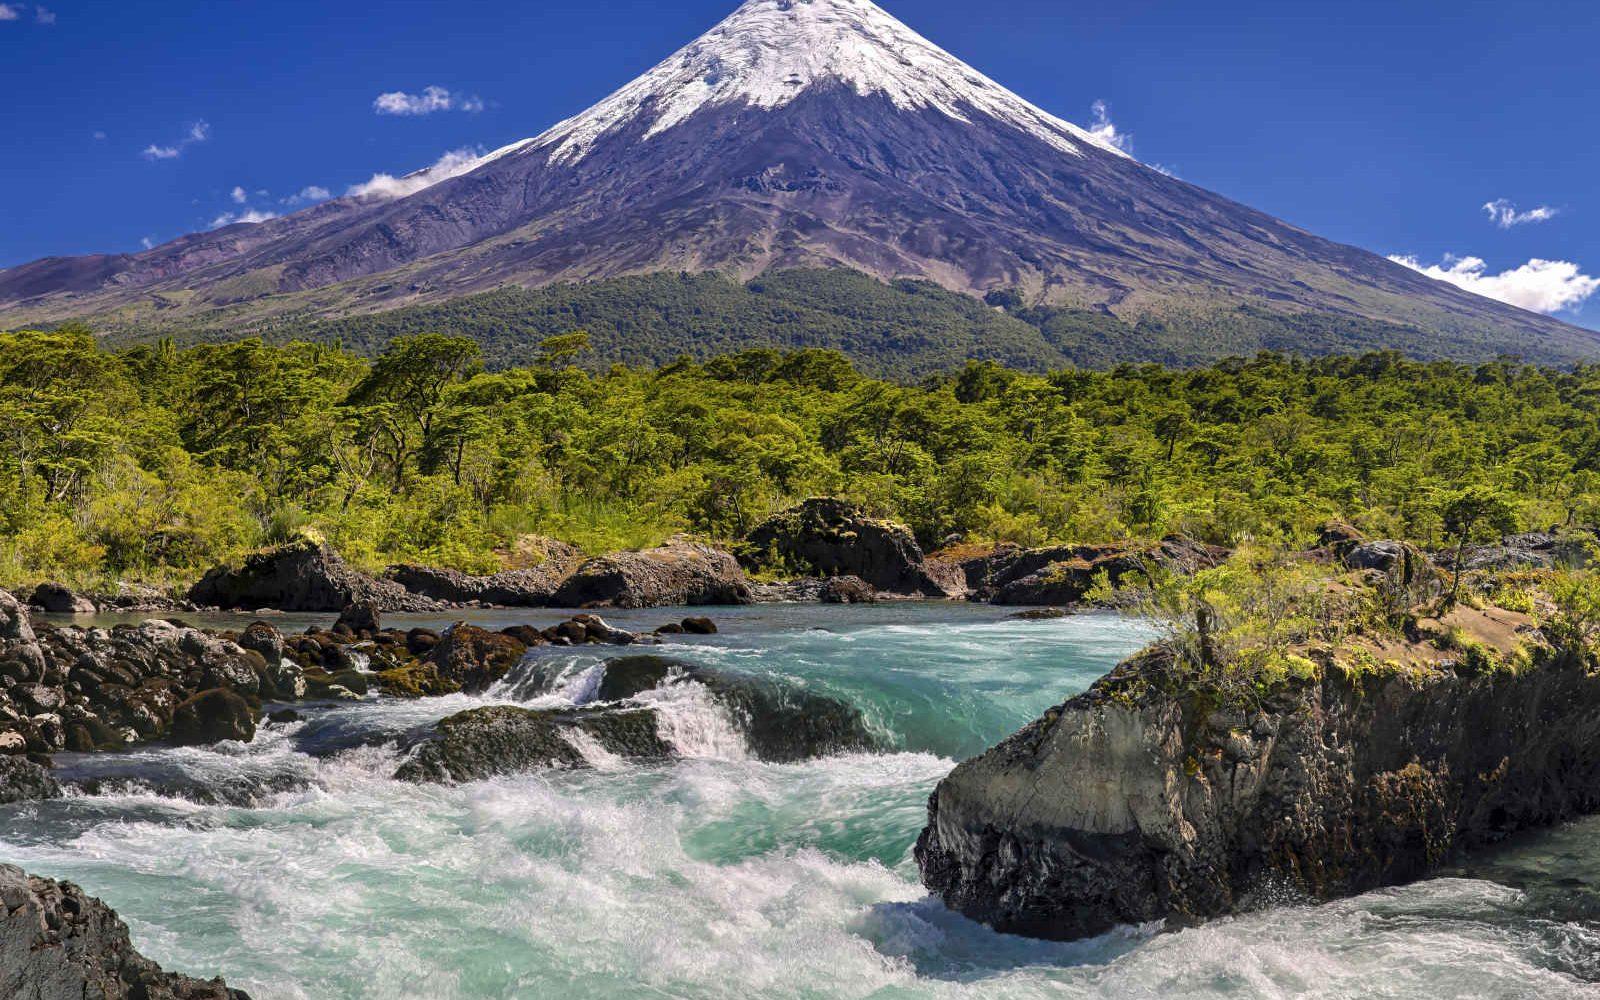 Cascades de Petrohue devant le volcan Osorno, Chili